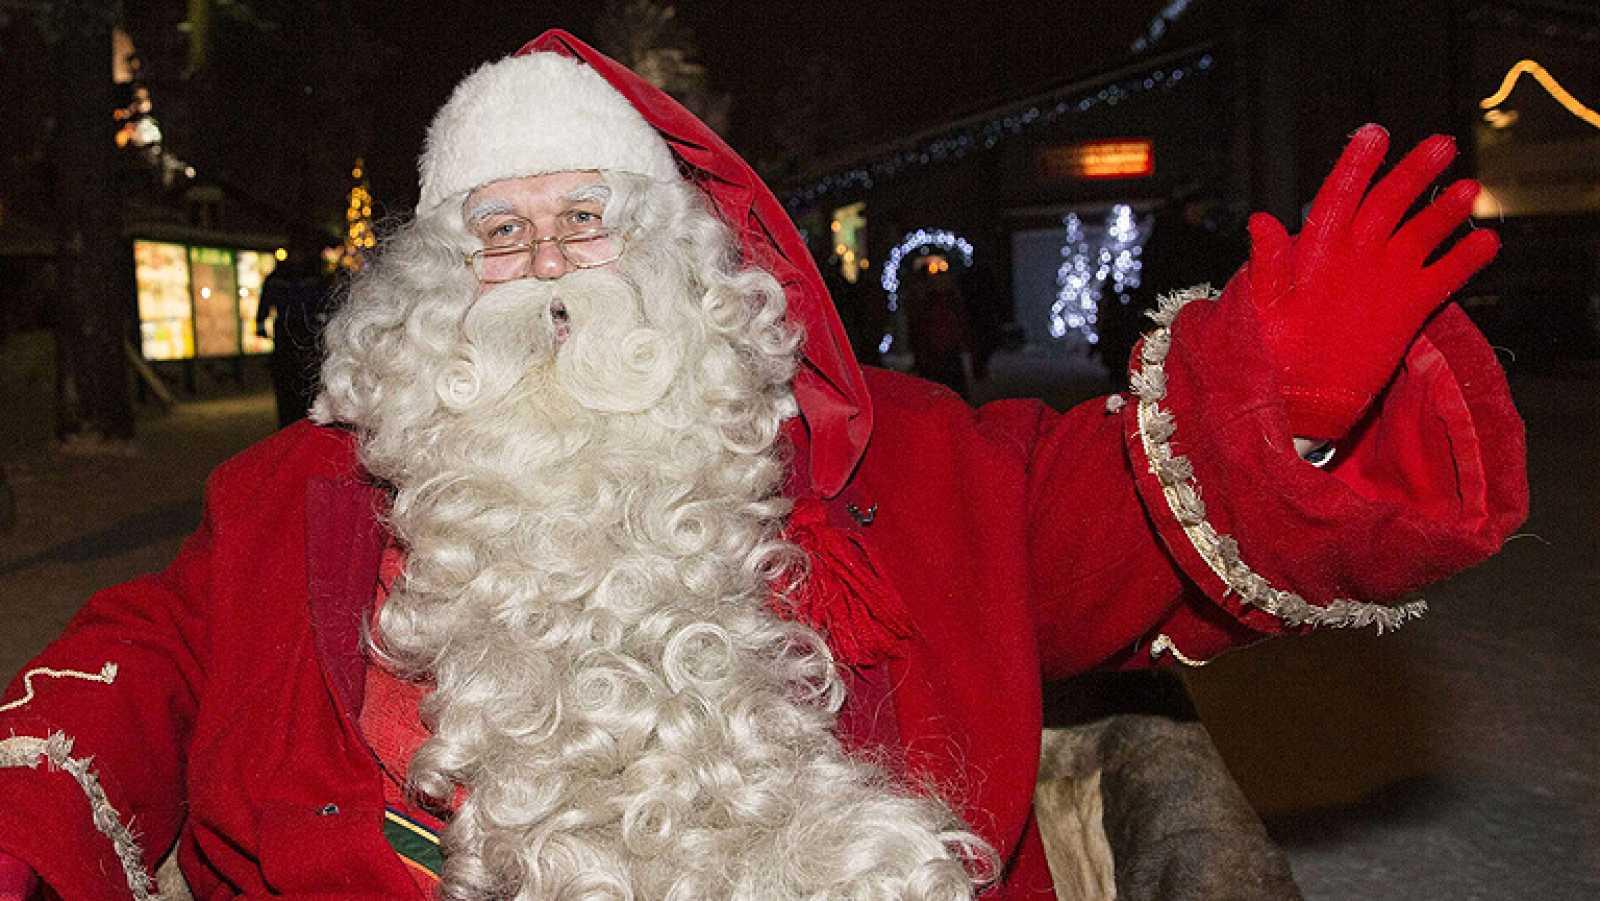 051dcf53aa4fe Para todos los públicos Papá Noel inicia su largo viaje desde Finlandia  reproducir video